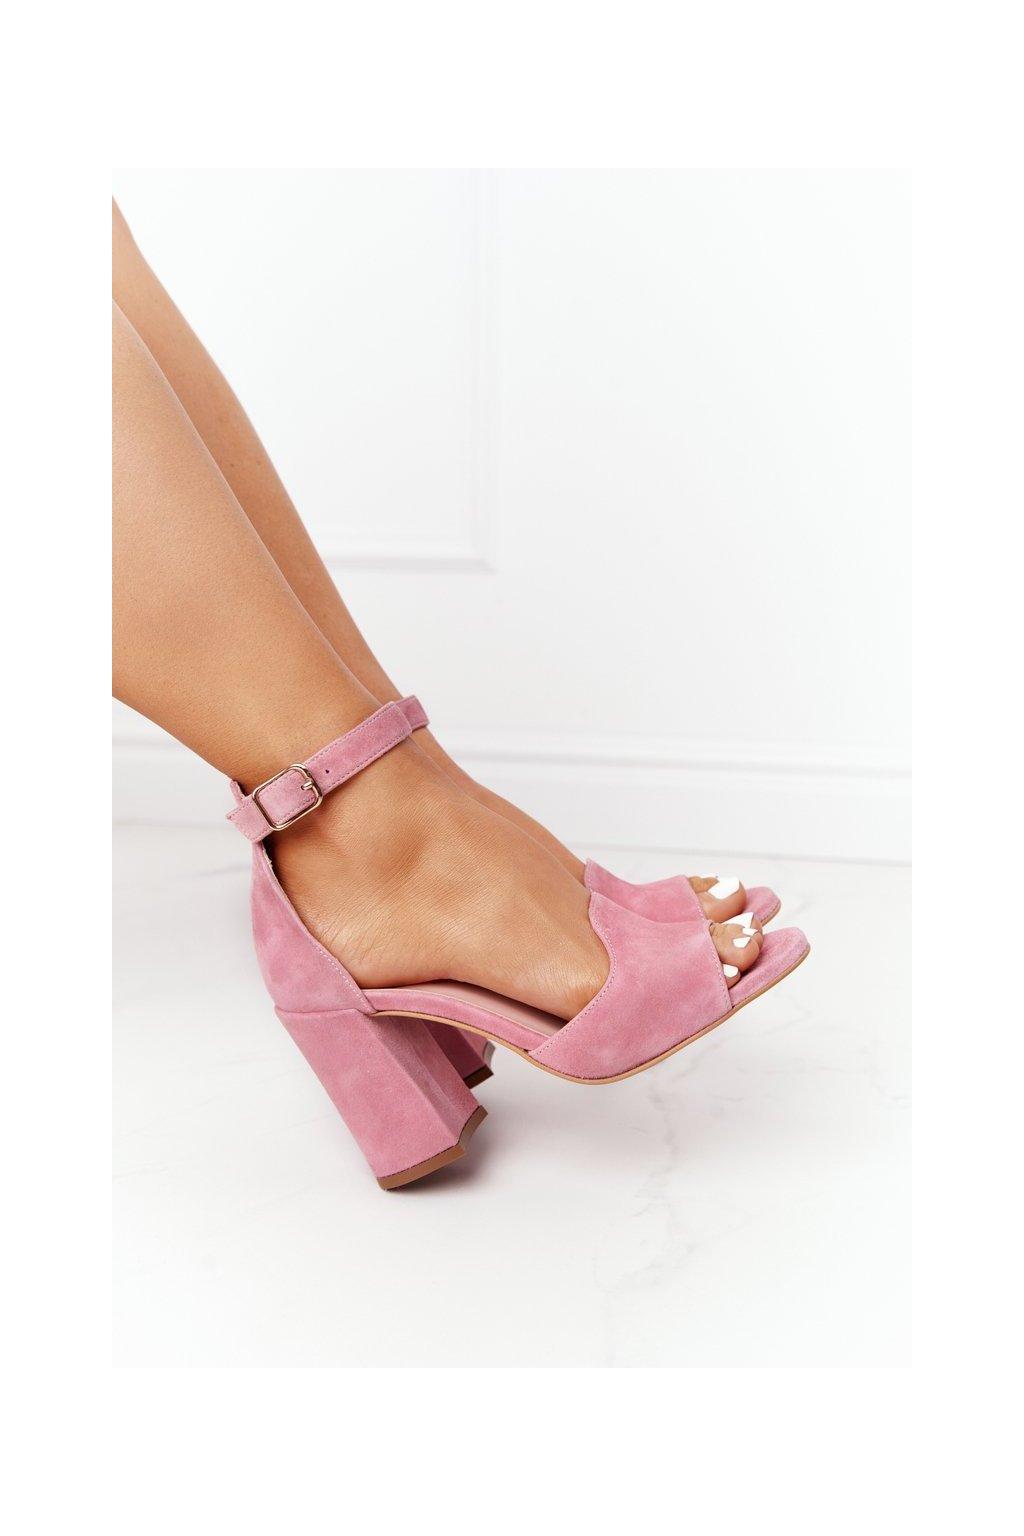 Dámske sandále na podpätku farba ružová kód obuvi 4361537/477 PEONY / RÓŻ